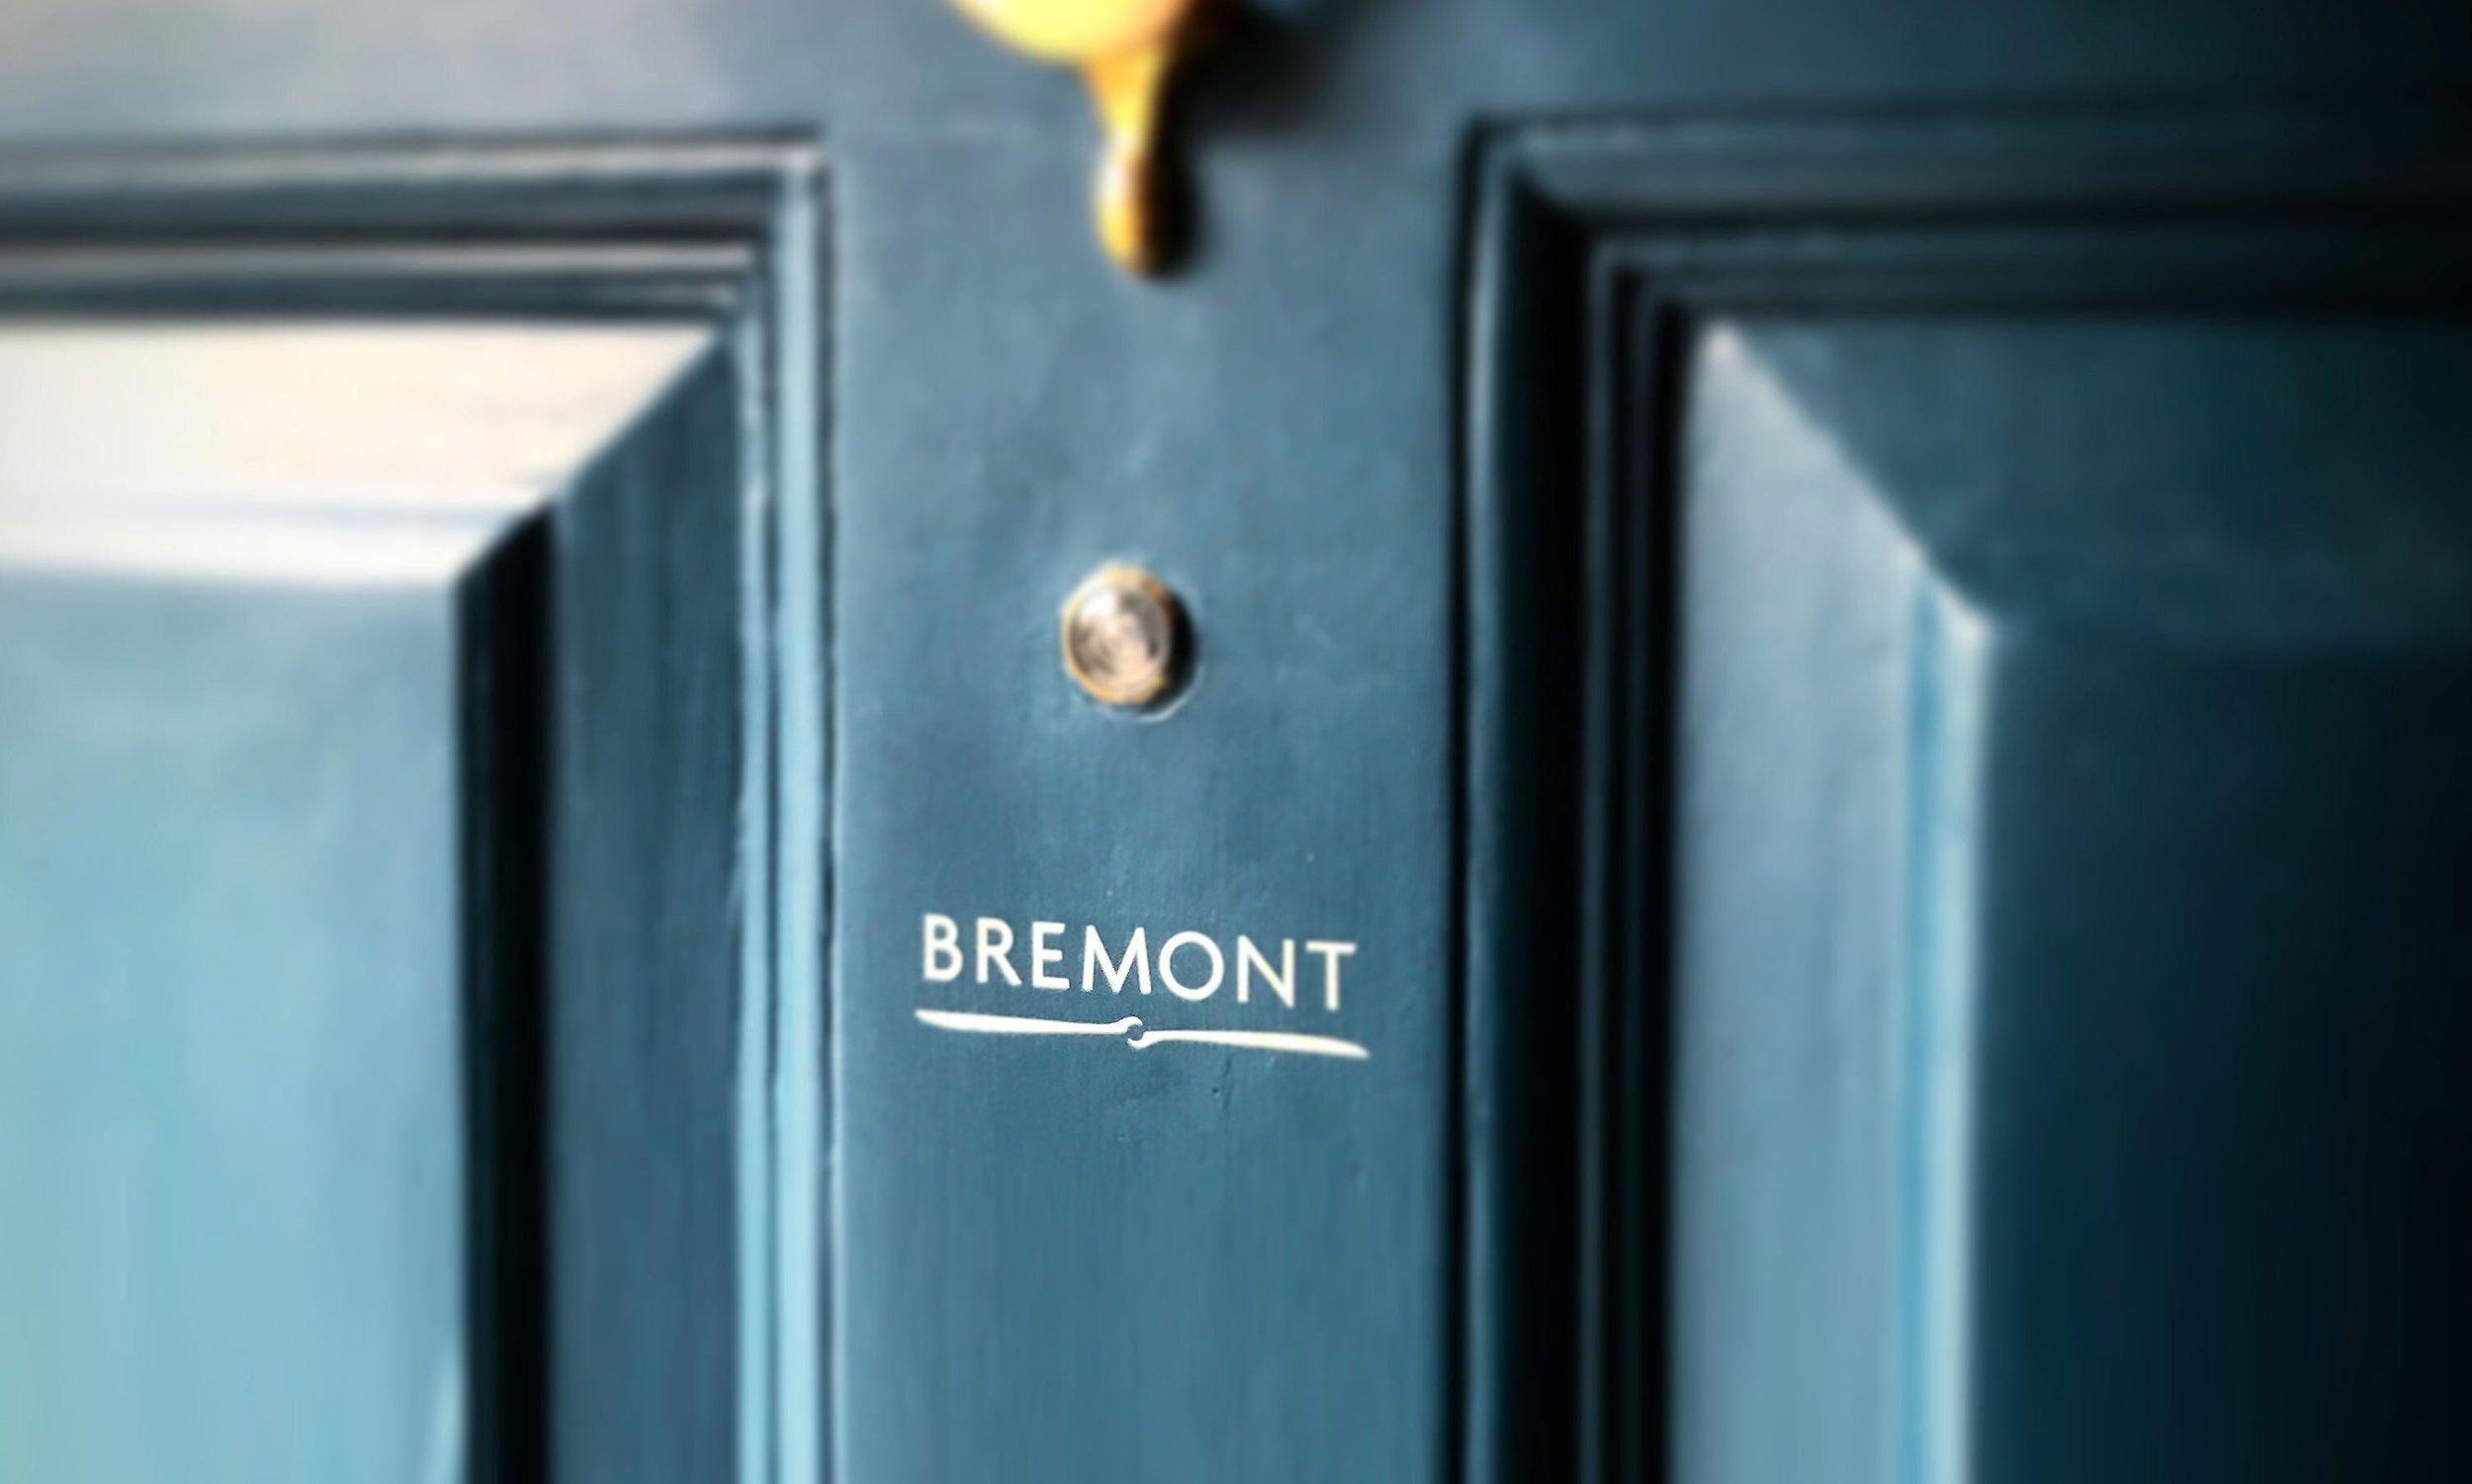 bremont-door-e1495546160668.jpg